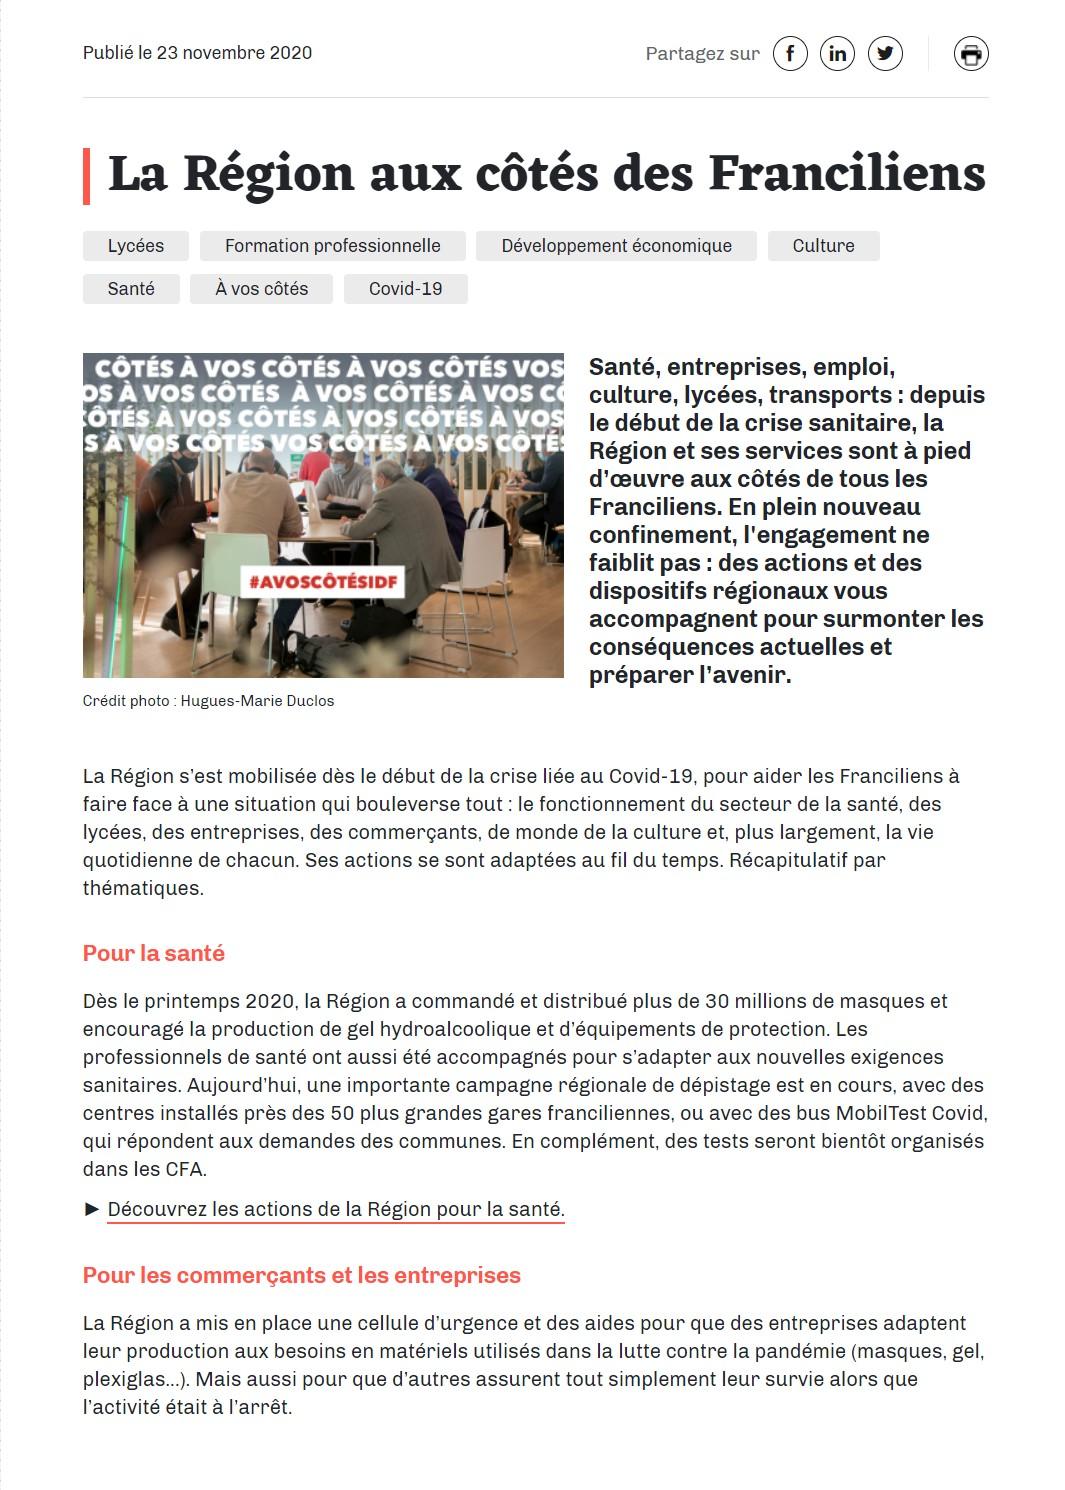 Les aides et services de la Région Île-de-France pour surmonter la crise